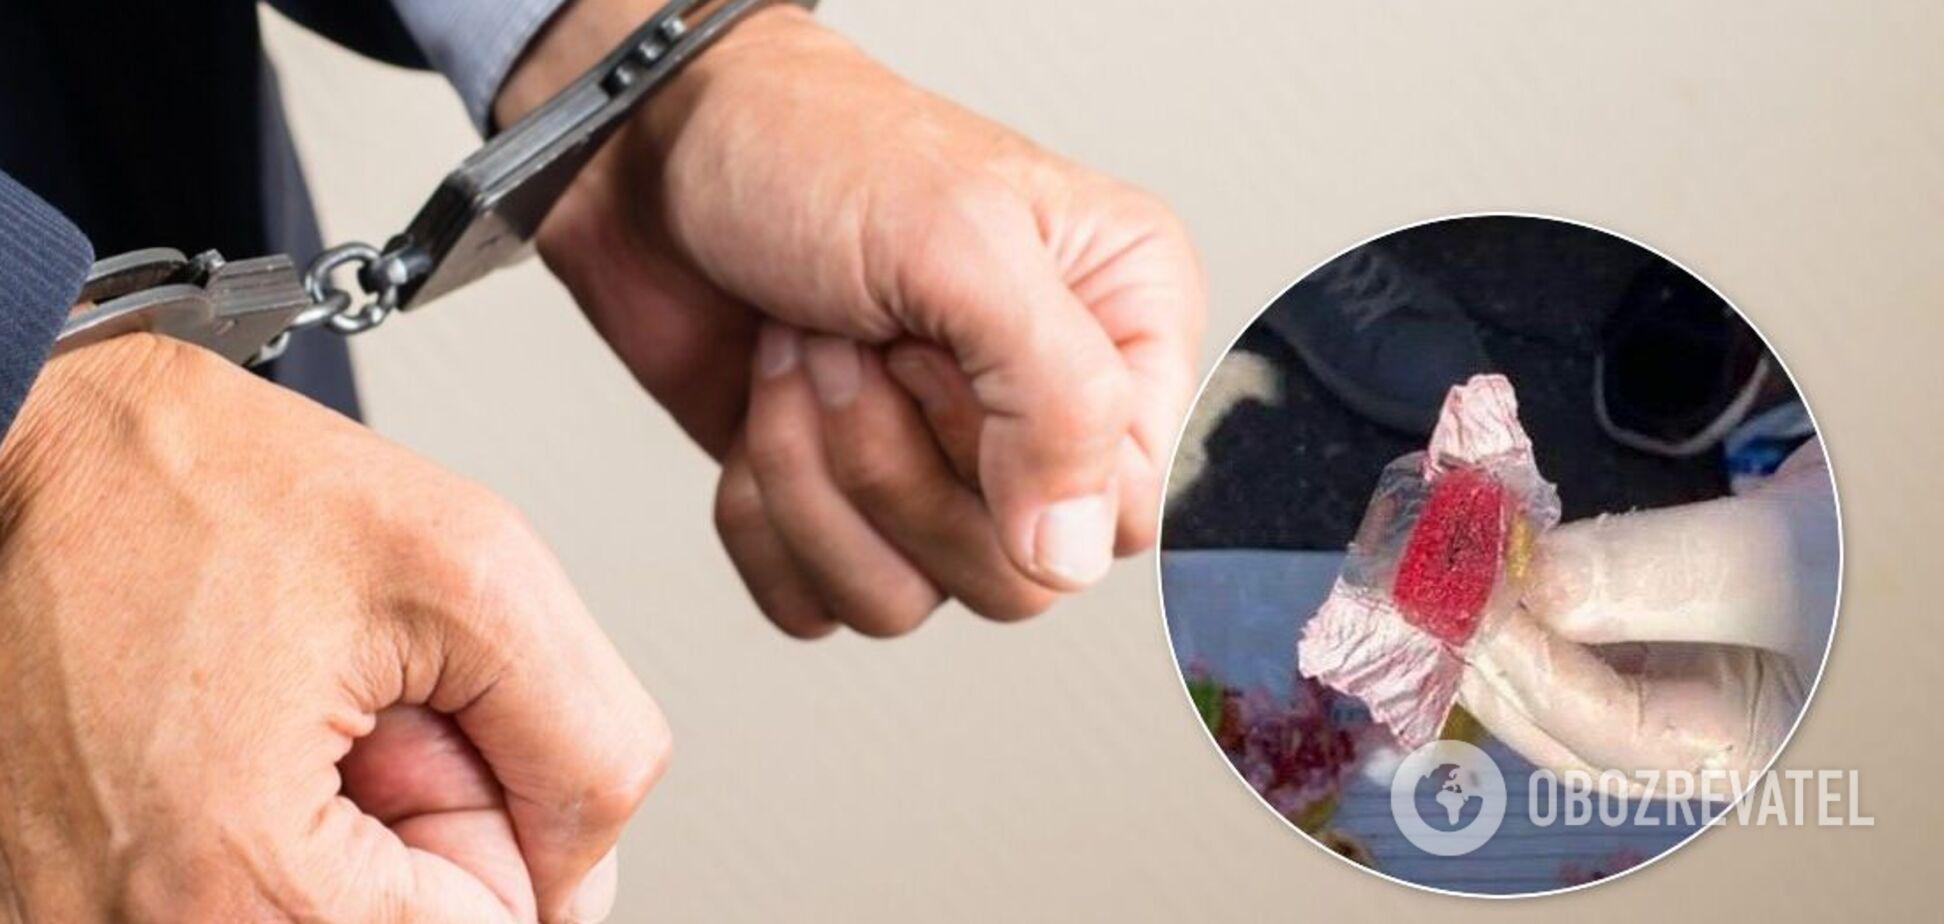 Співробітник СБУ намагався передати секретну інформацію в цукерках